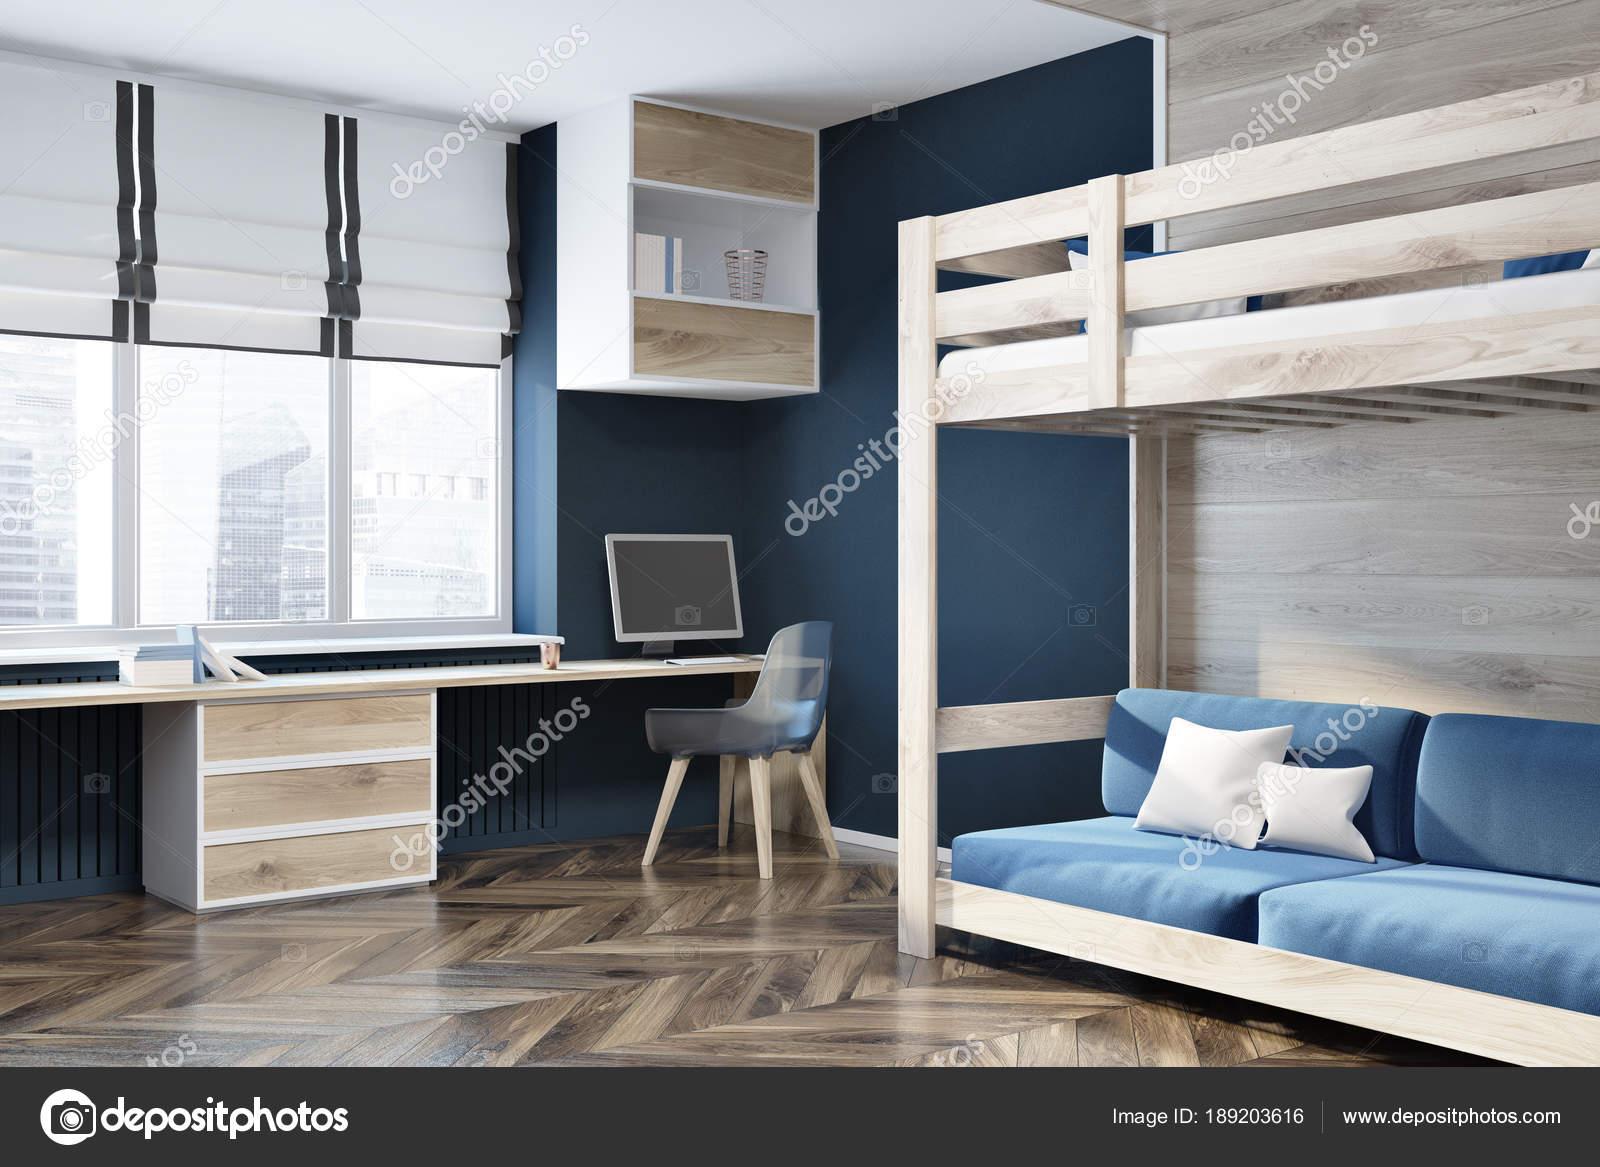 Lit de grenier pour le bureau à domicile bleu mur bleu foncé